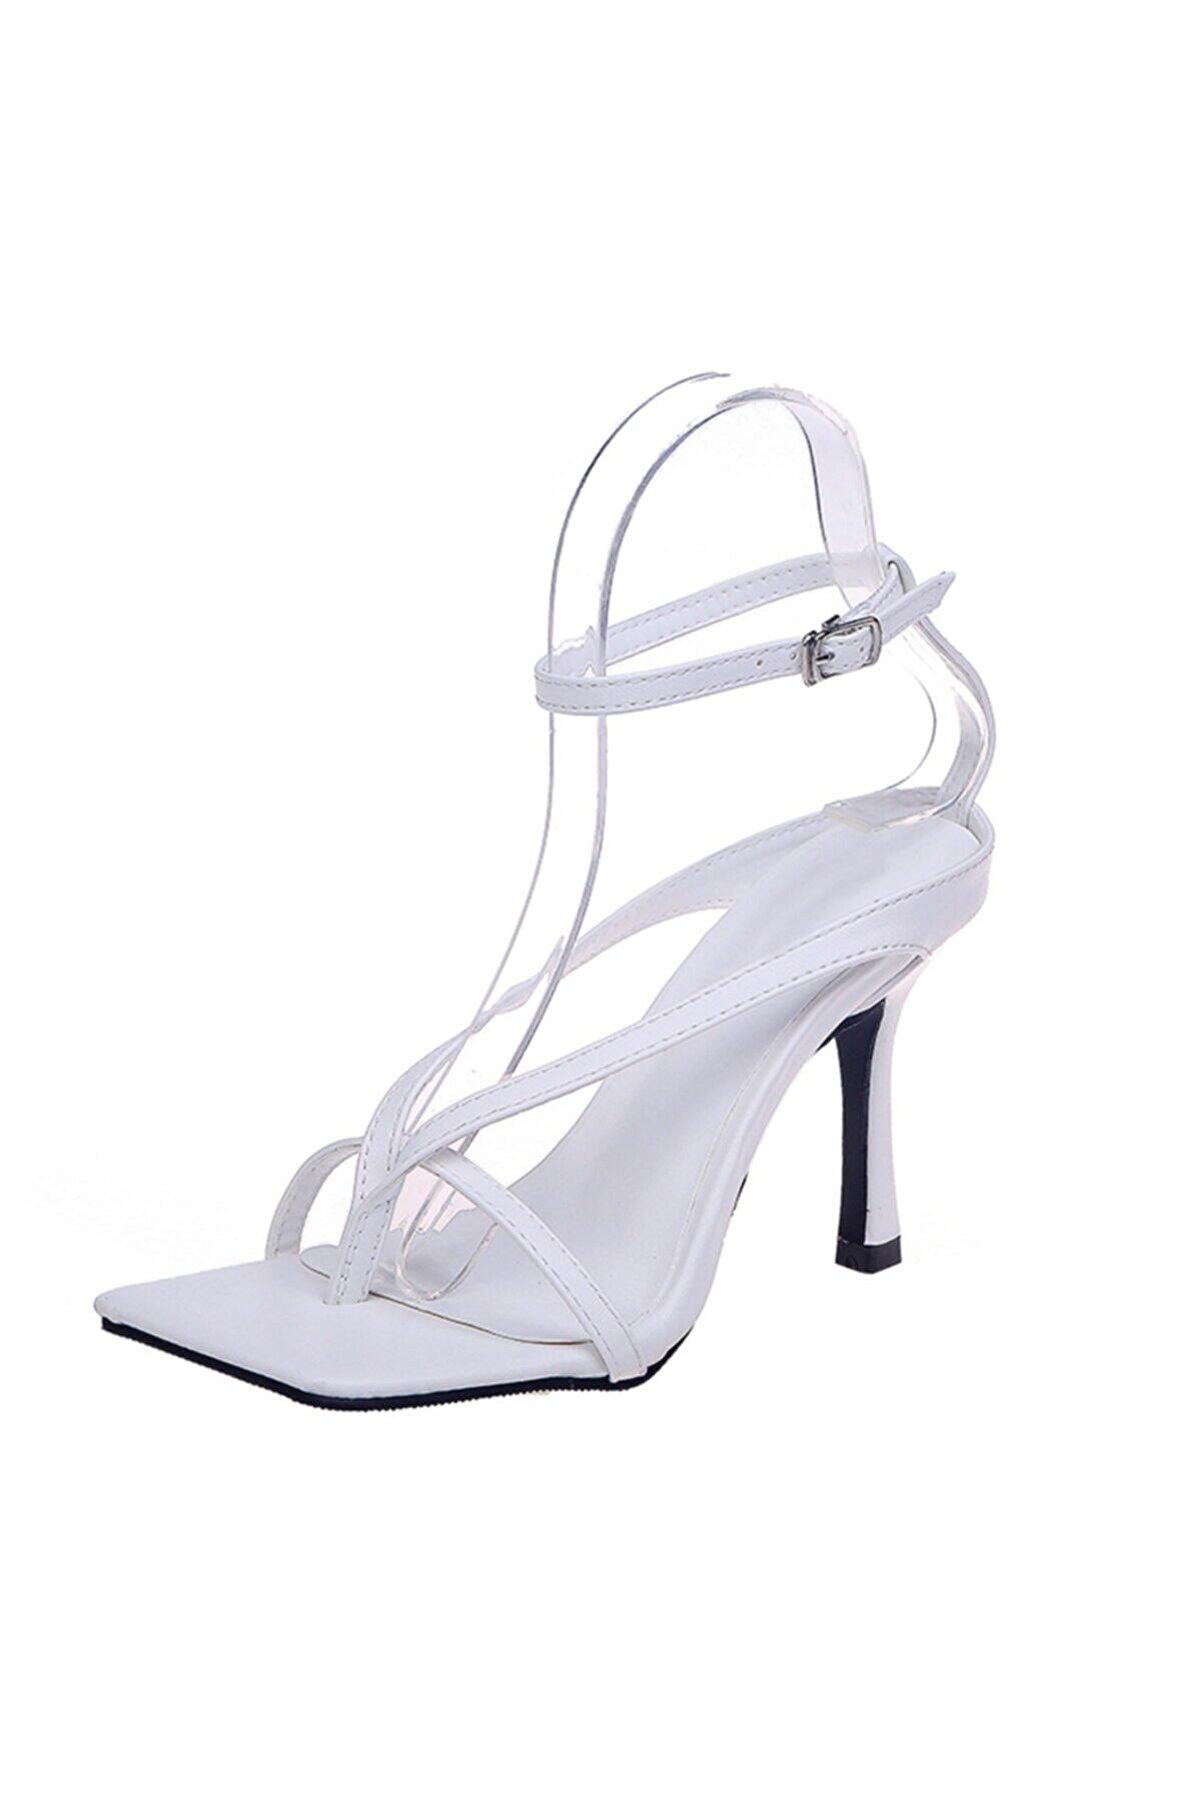 TrendyAnka Kadın Beyaz 10cm Topuklu Küt Kare Burunlu Parmak Arası Tokalı Ayakkabı Sandalet Terlik